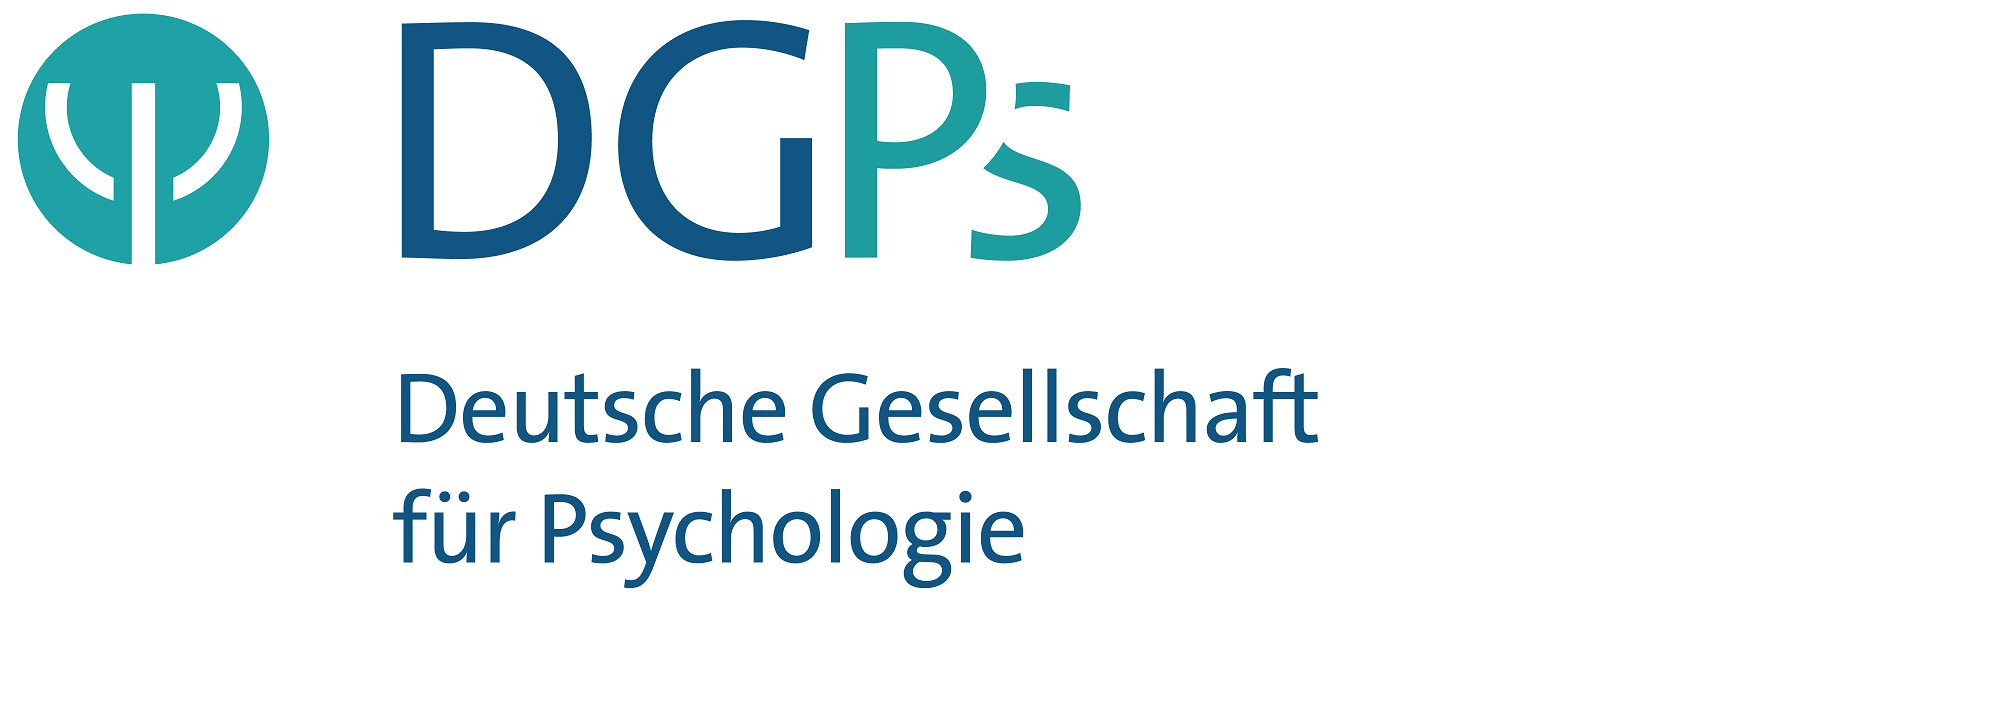 COVID-19-Pandemie: Gesundheitspolitische Ziele und Maßnahmen aus Sicht der Klinischen Psychologie und Psychotherapie